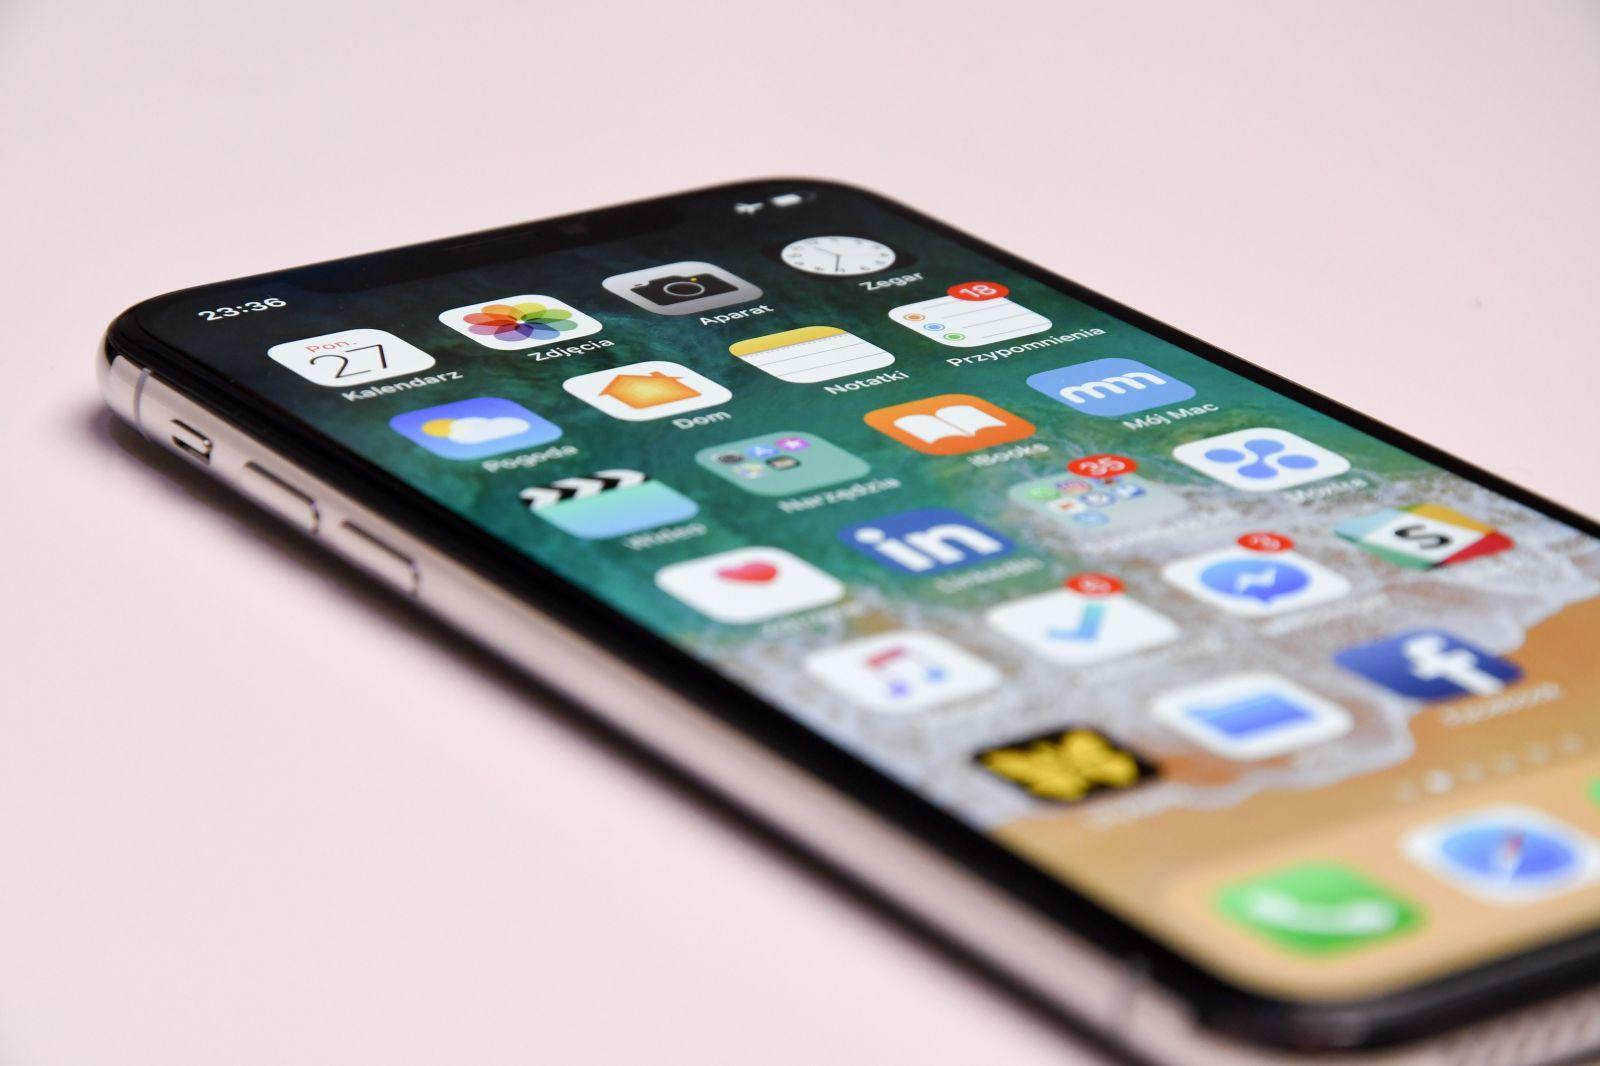 Google zverejnilo šesť závažných bezpečnostných problémov v aplikácii od Apple